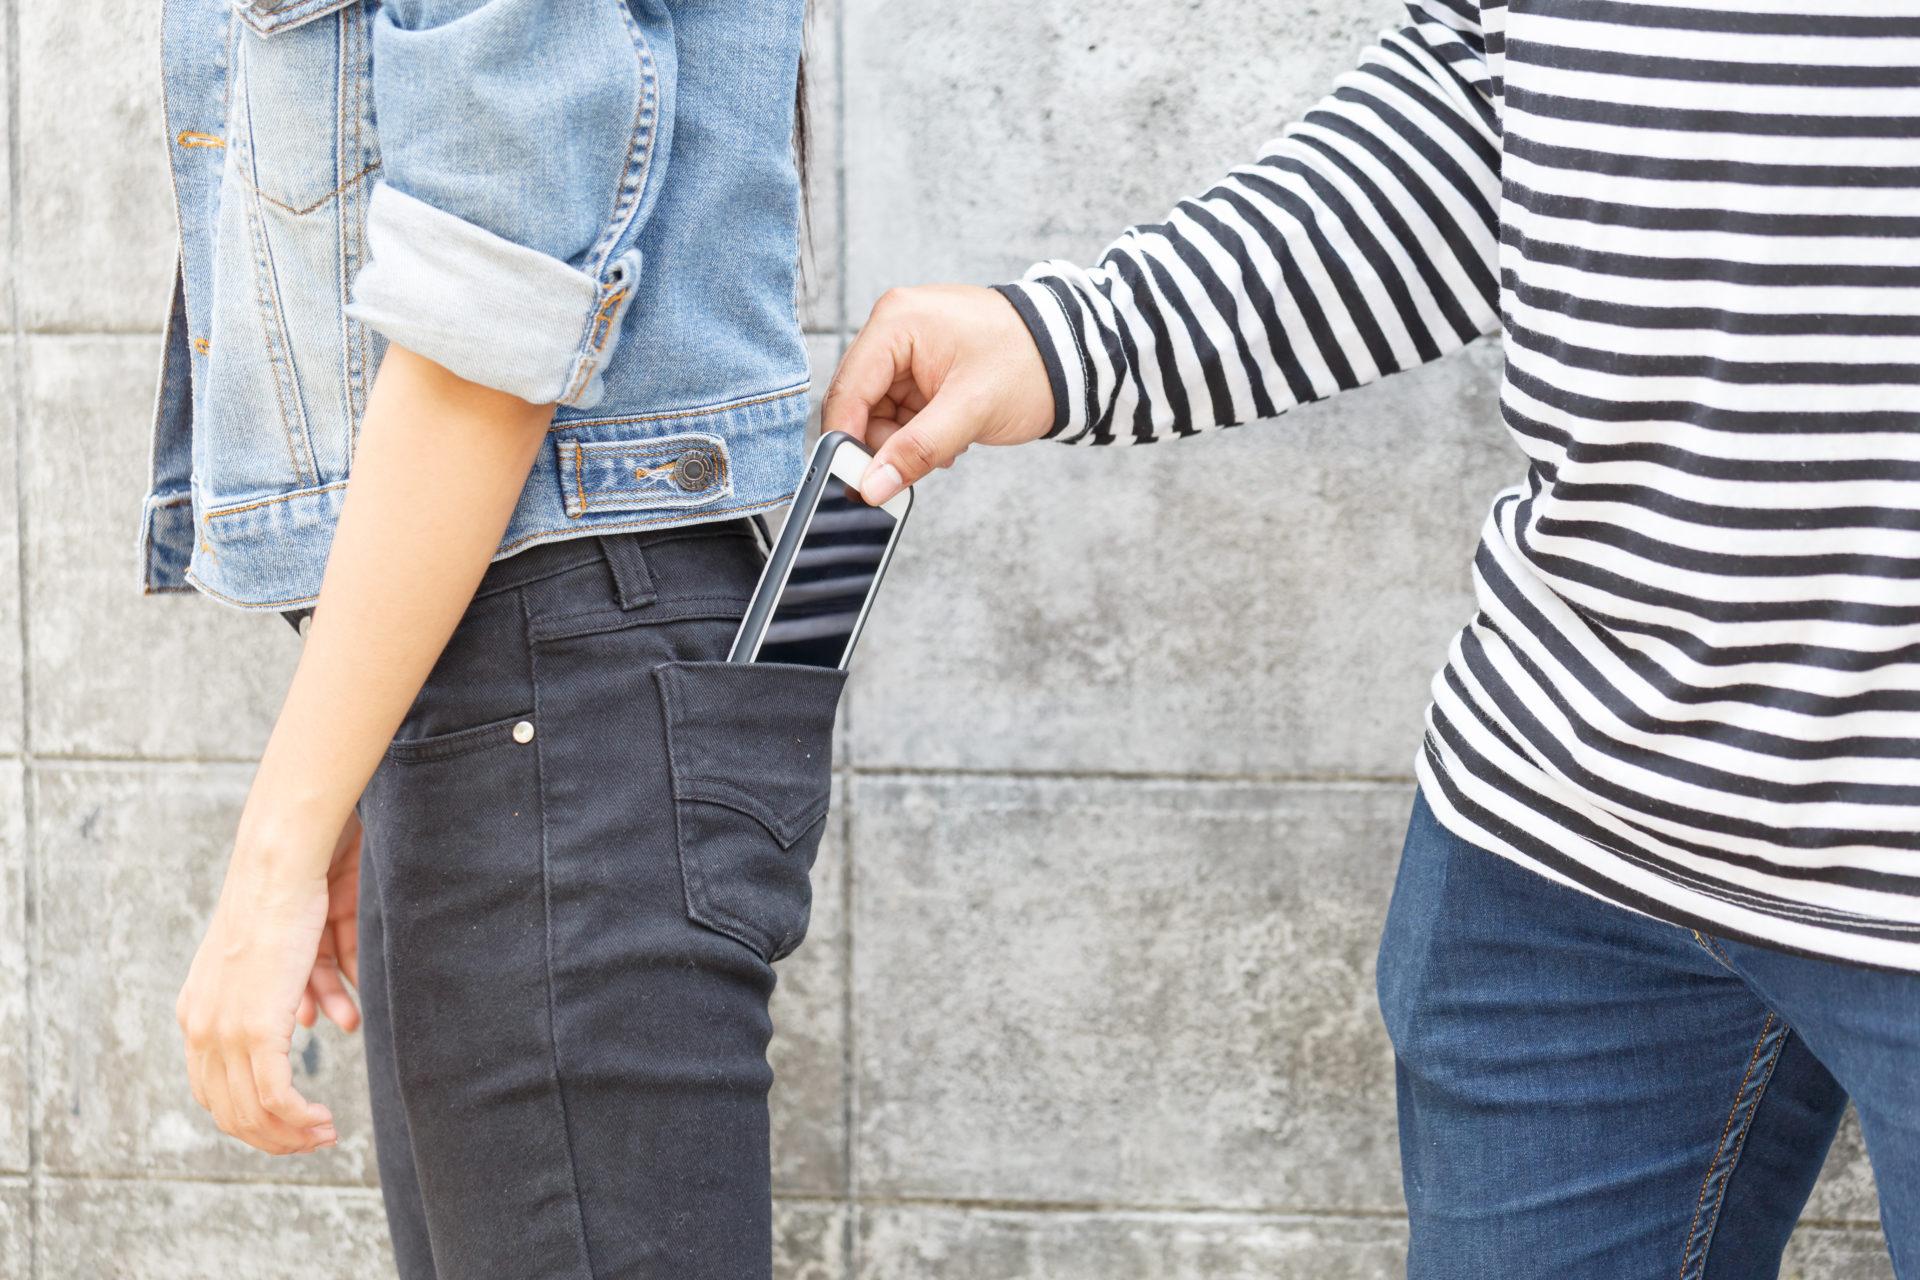 vol d'un smartphone dans une poche arrière